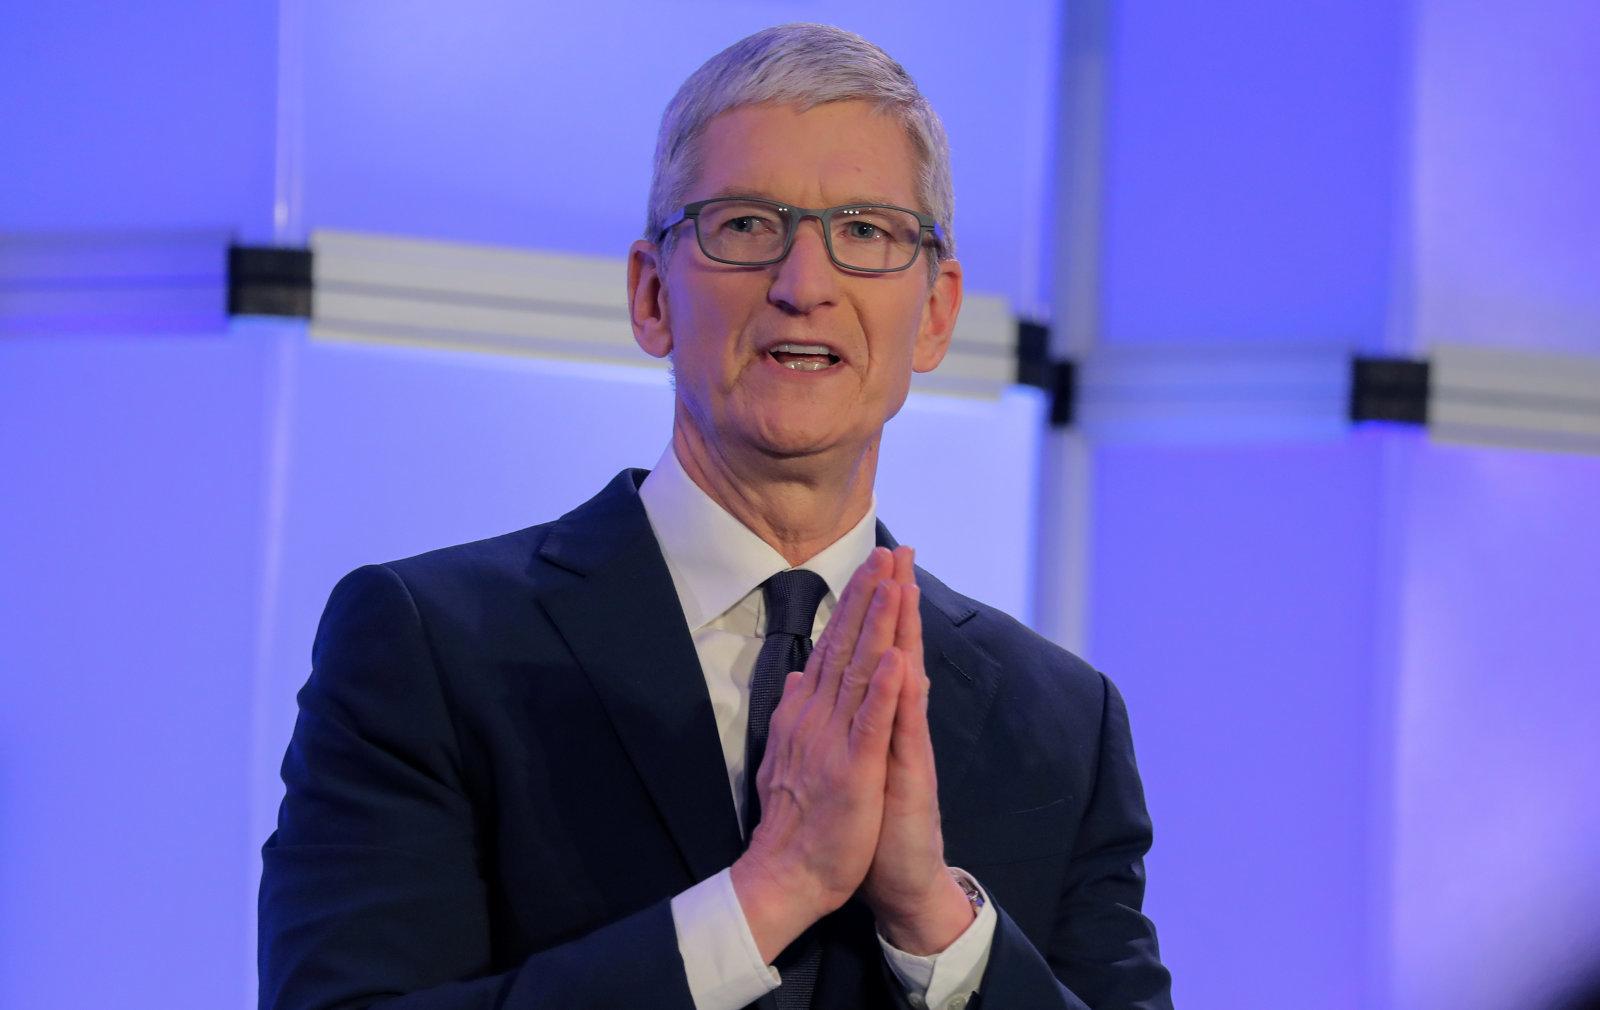 các dịch vụ chăm sóc sức khỏe của Apple